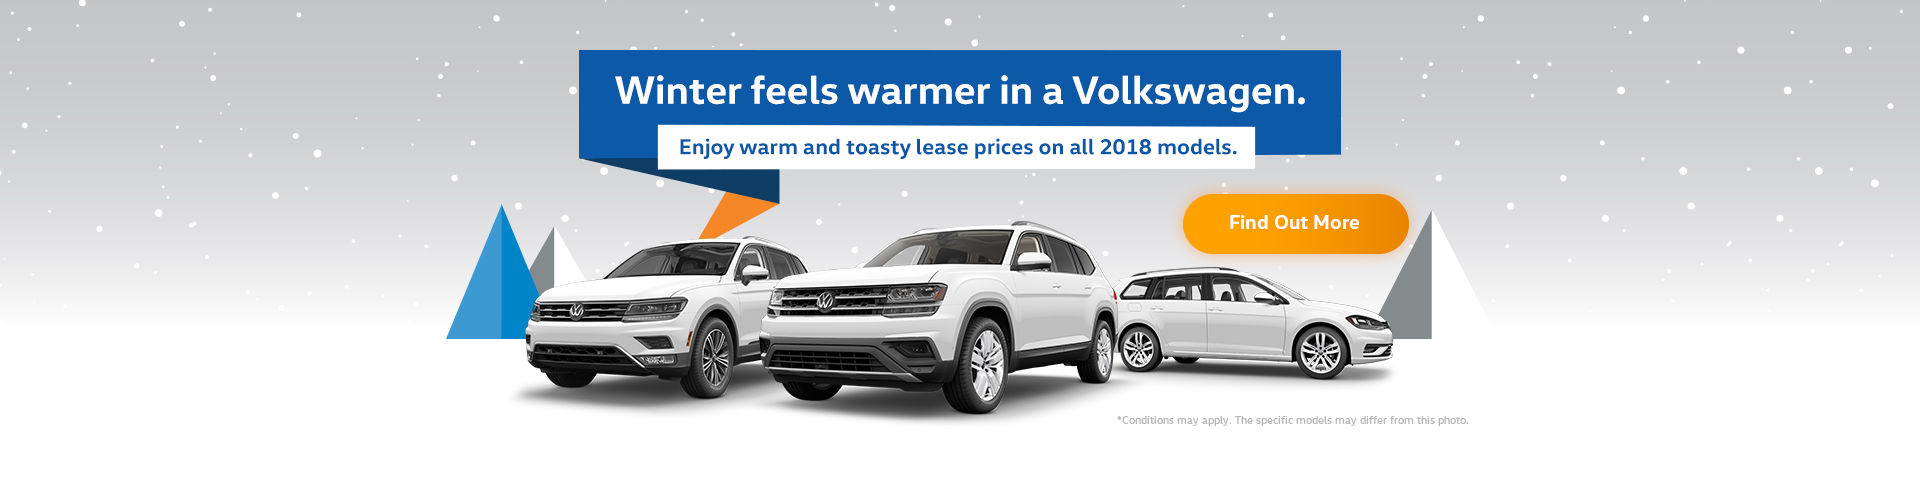 Volkswagen's Winter Monthly Sale - web